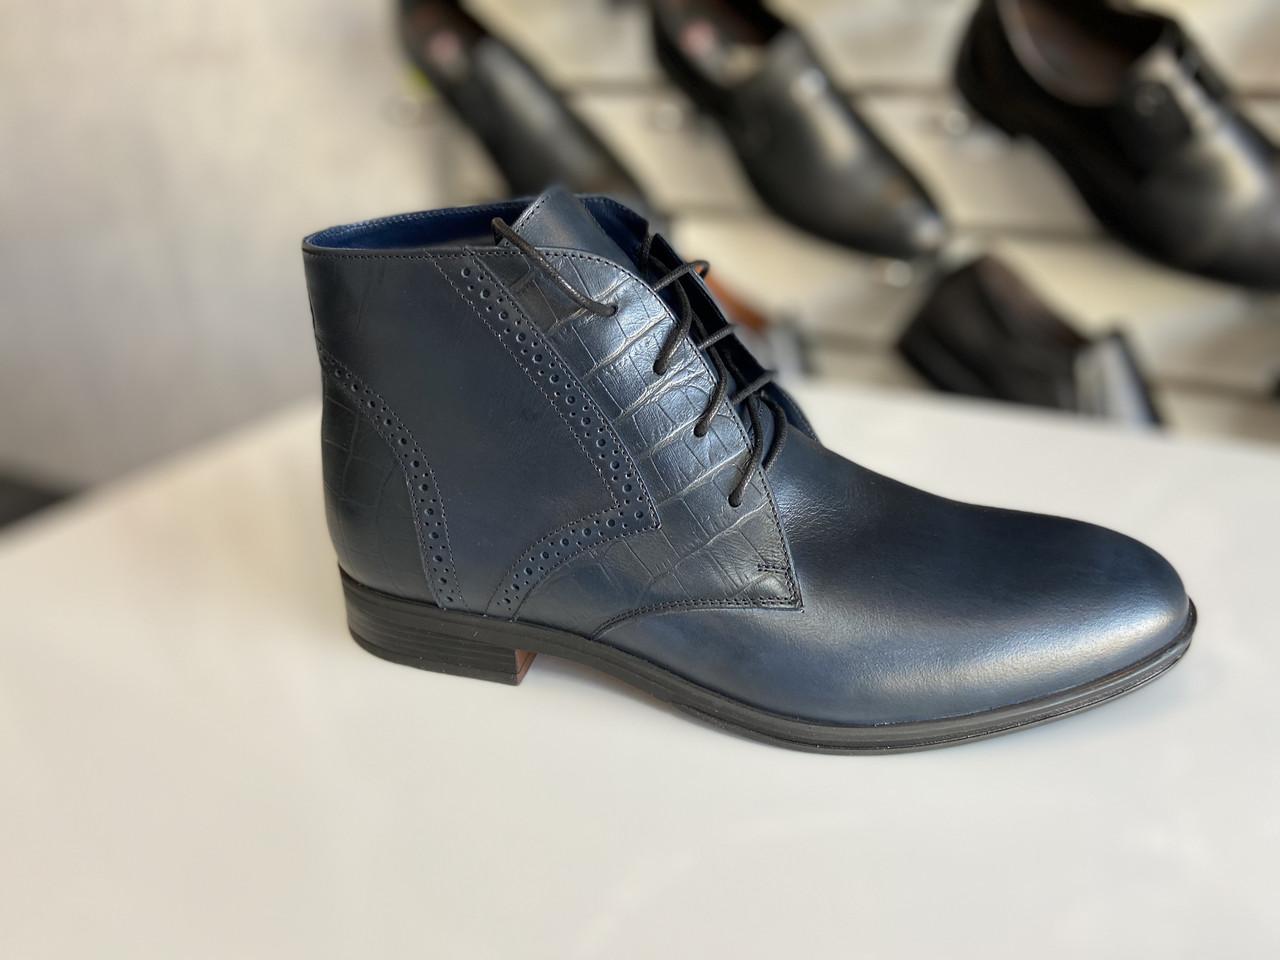 Мужские демисезонные ботинки Ikos размеры 38,39,40,41,42,43,44-45